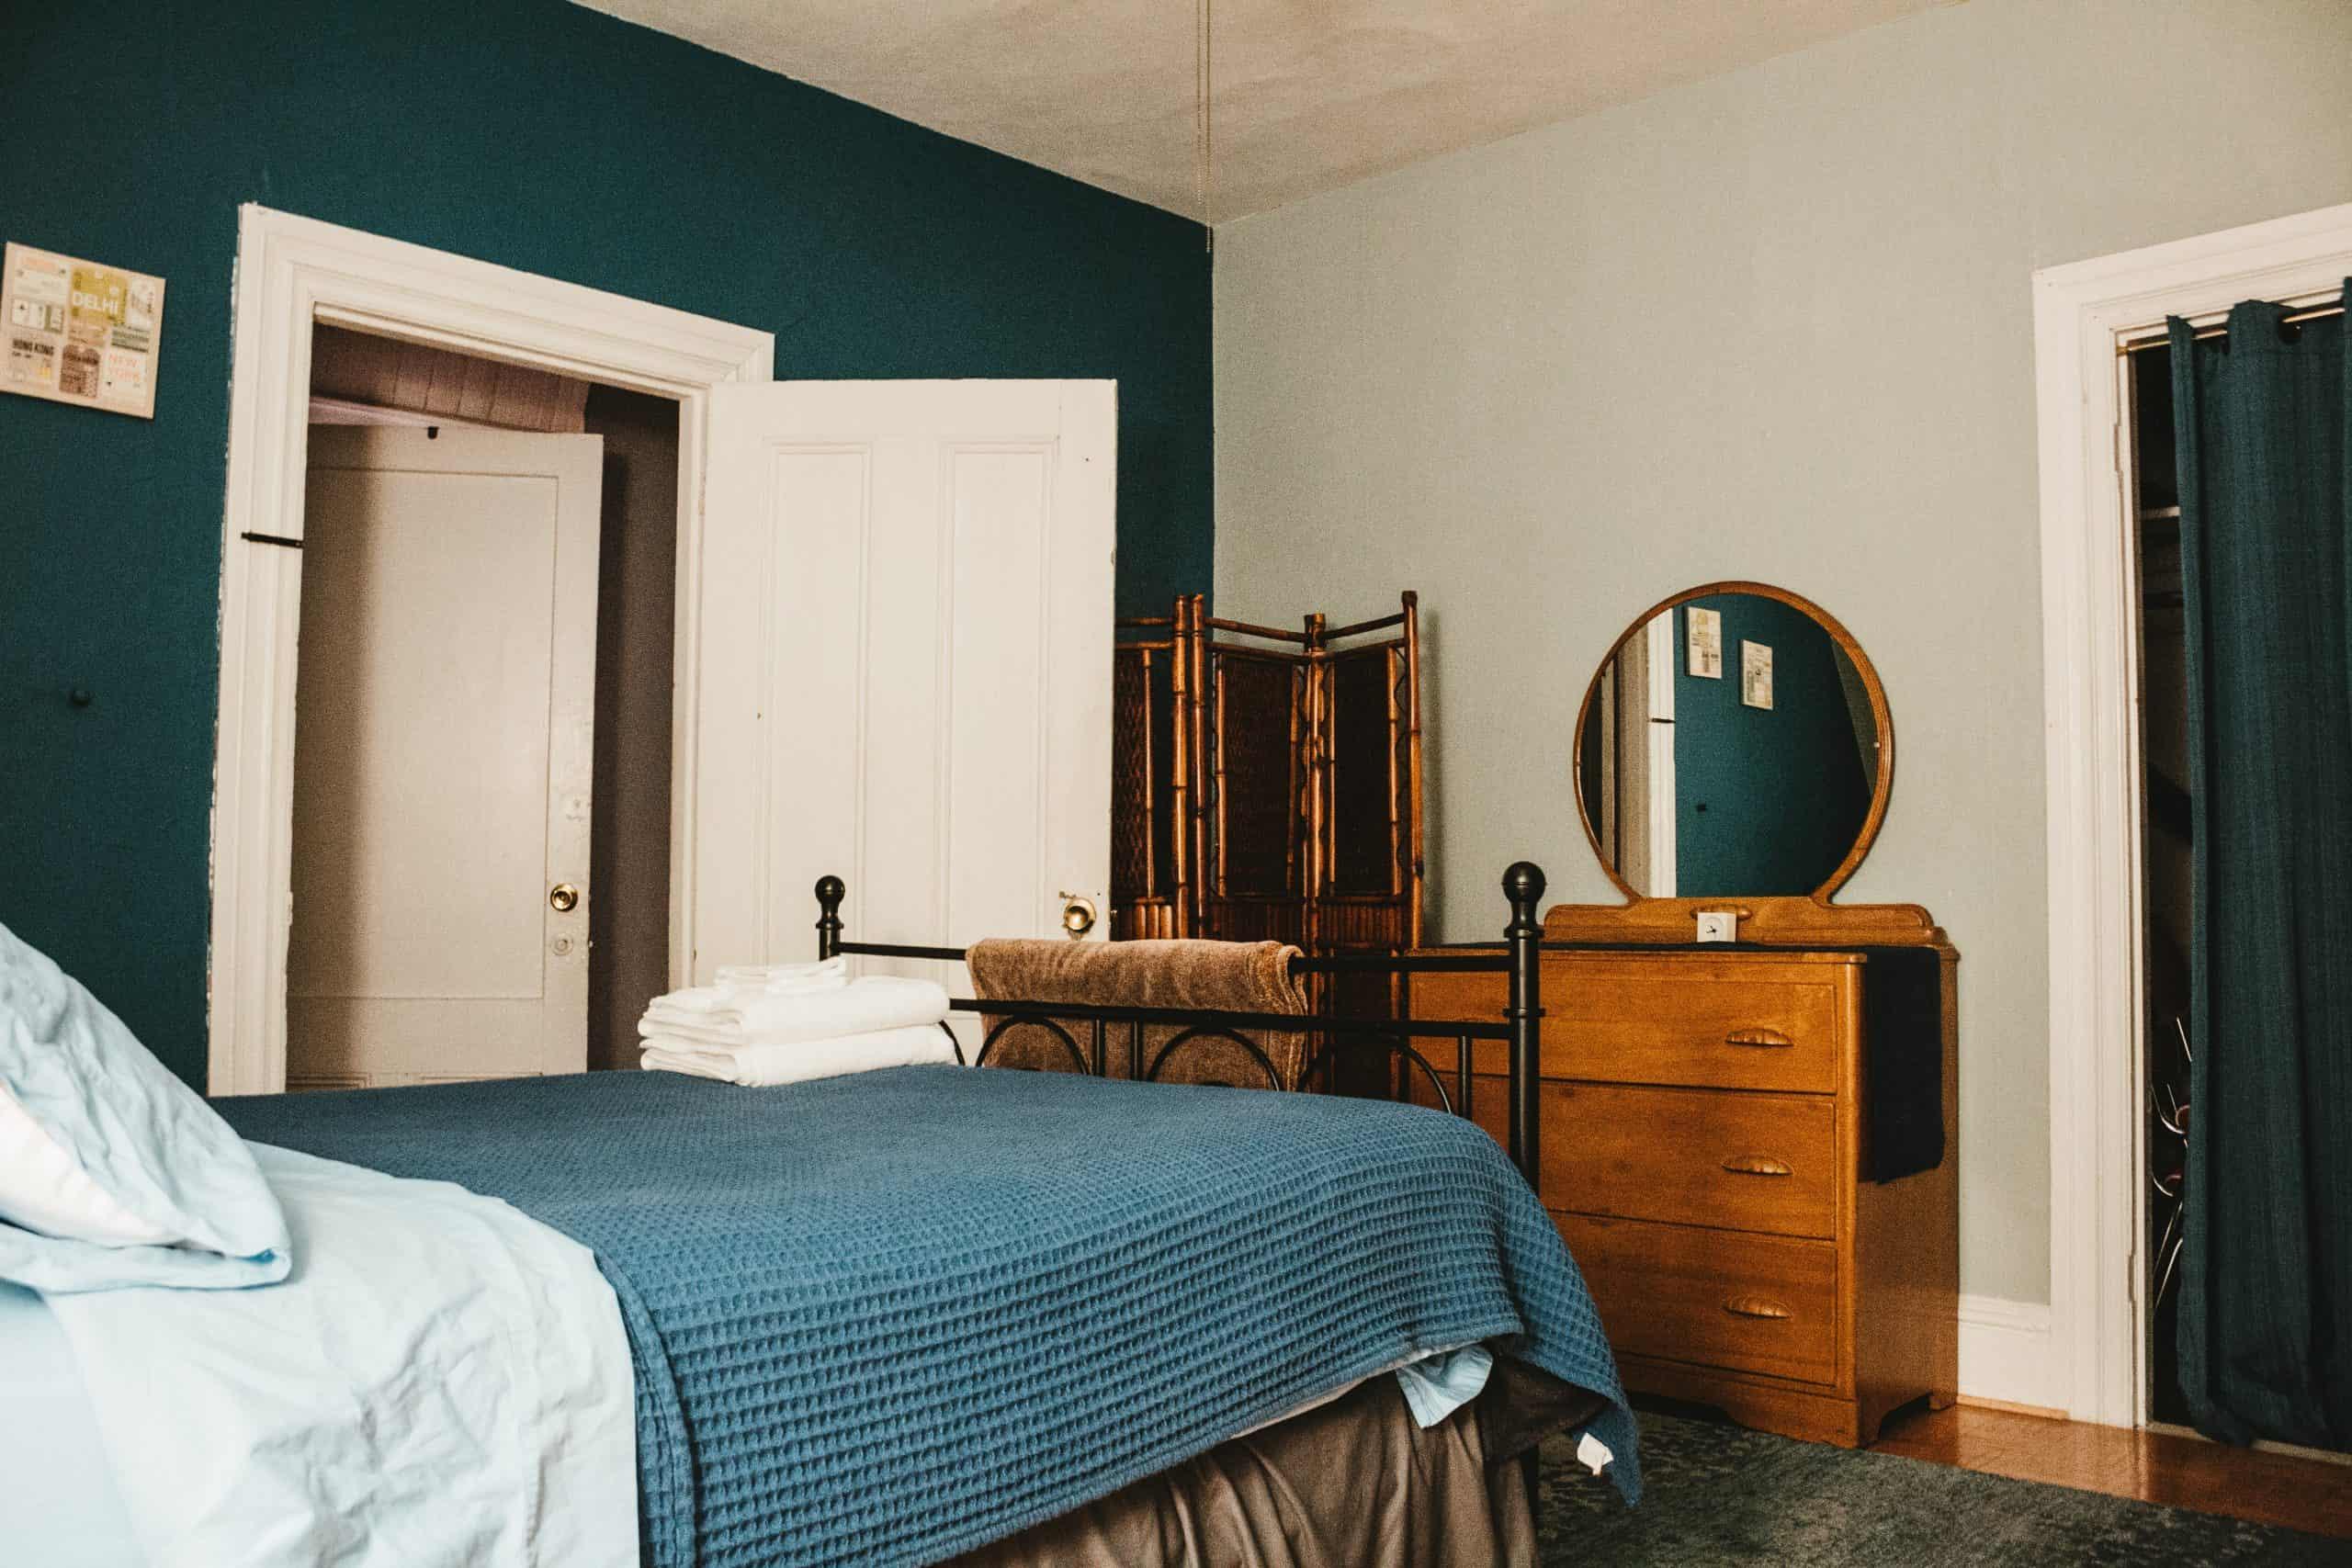 Idee De Deco Pour Chambre nos meilleures idées déco pour une chambre couleur vert d